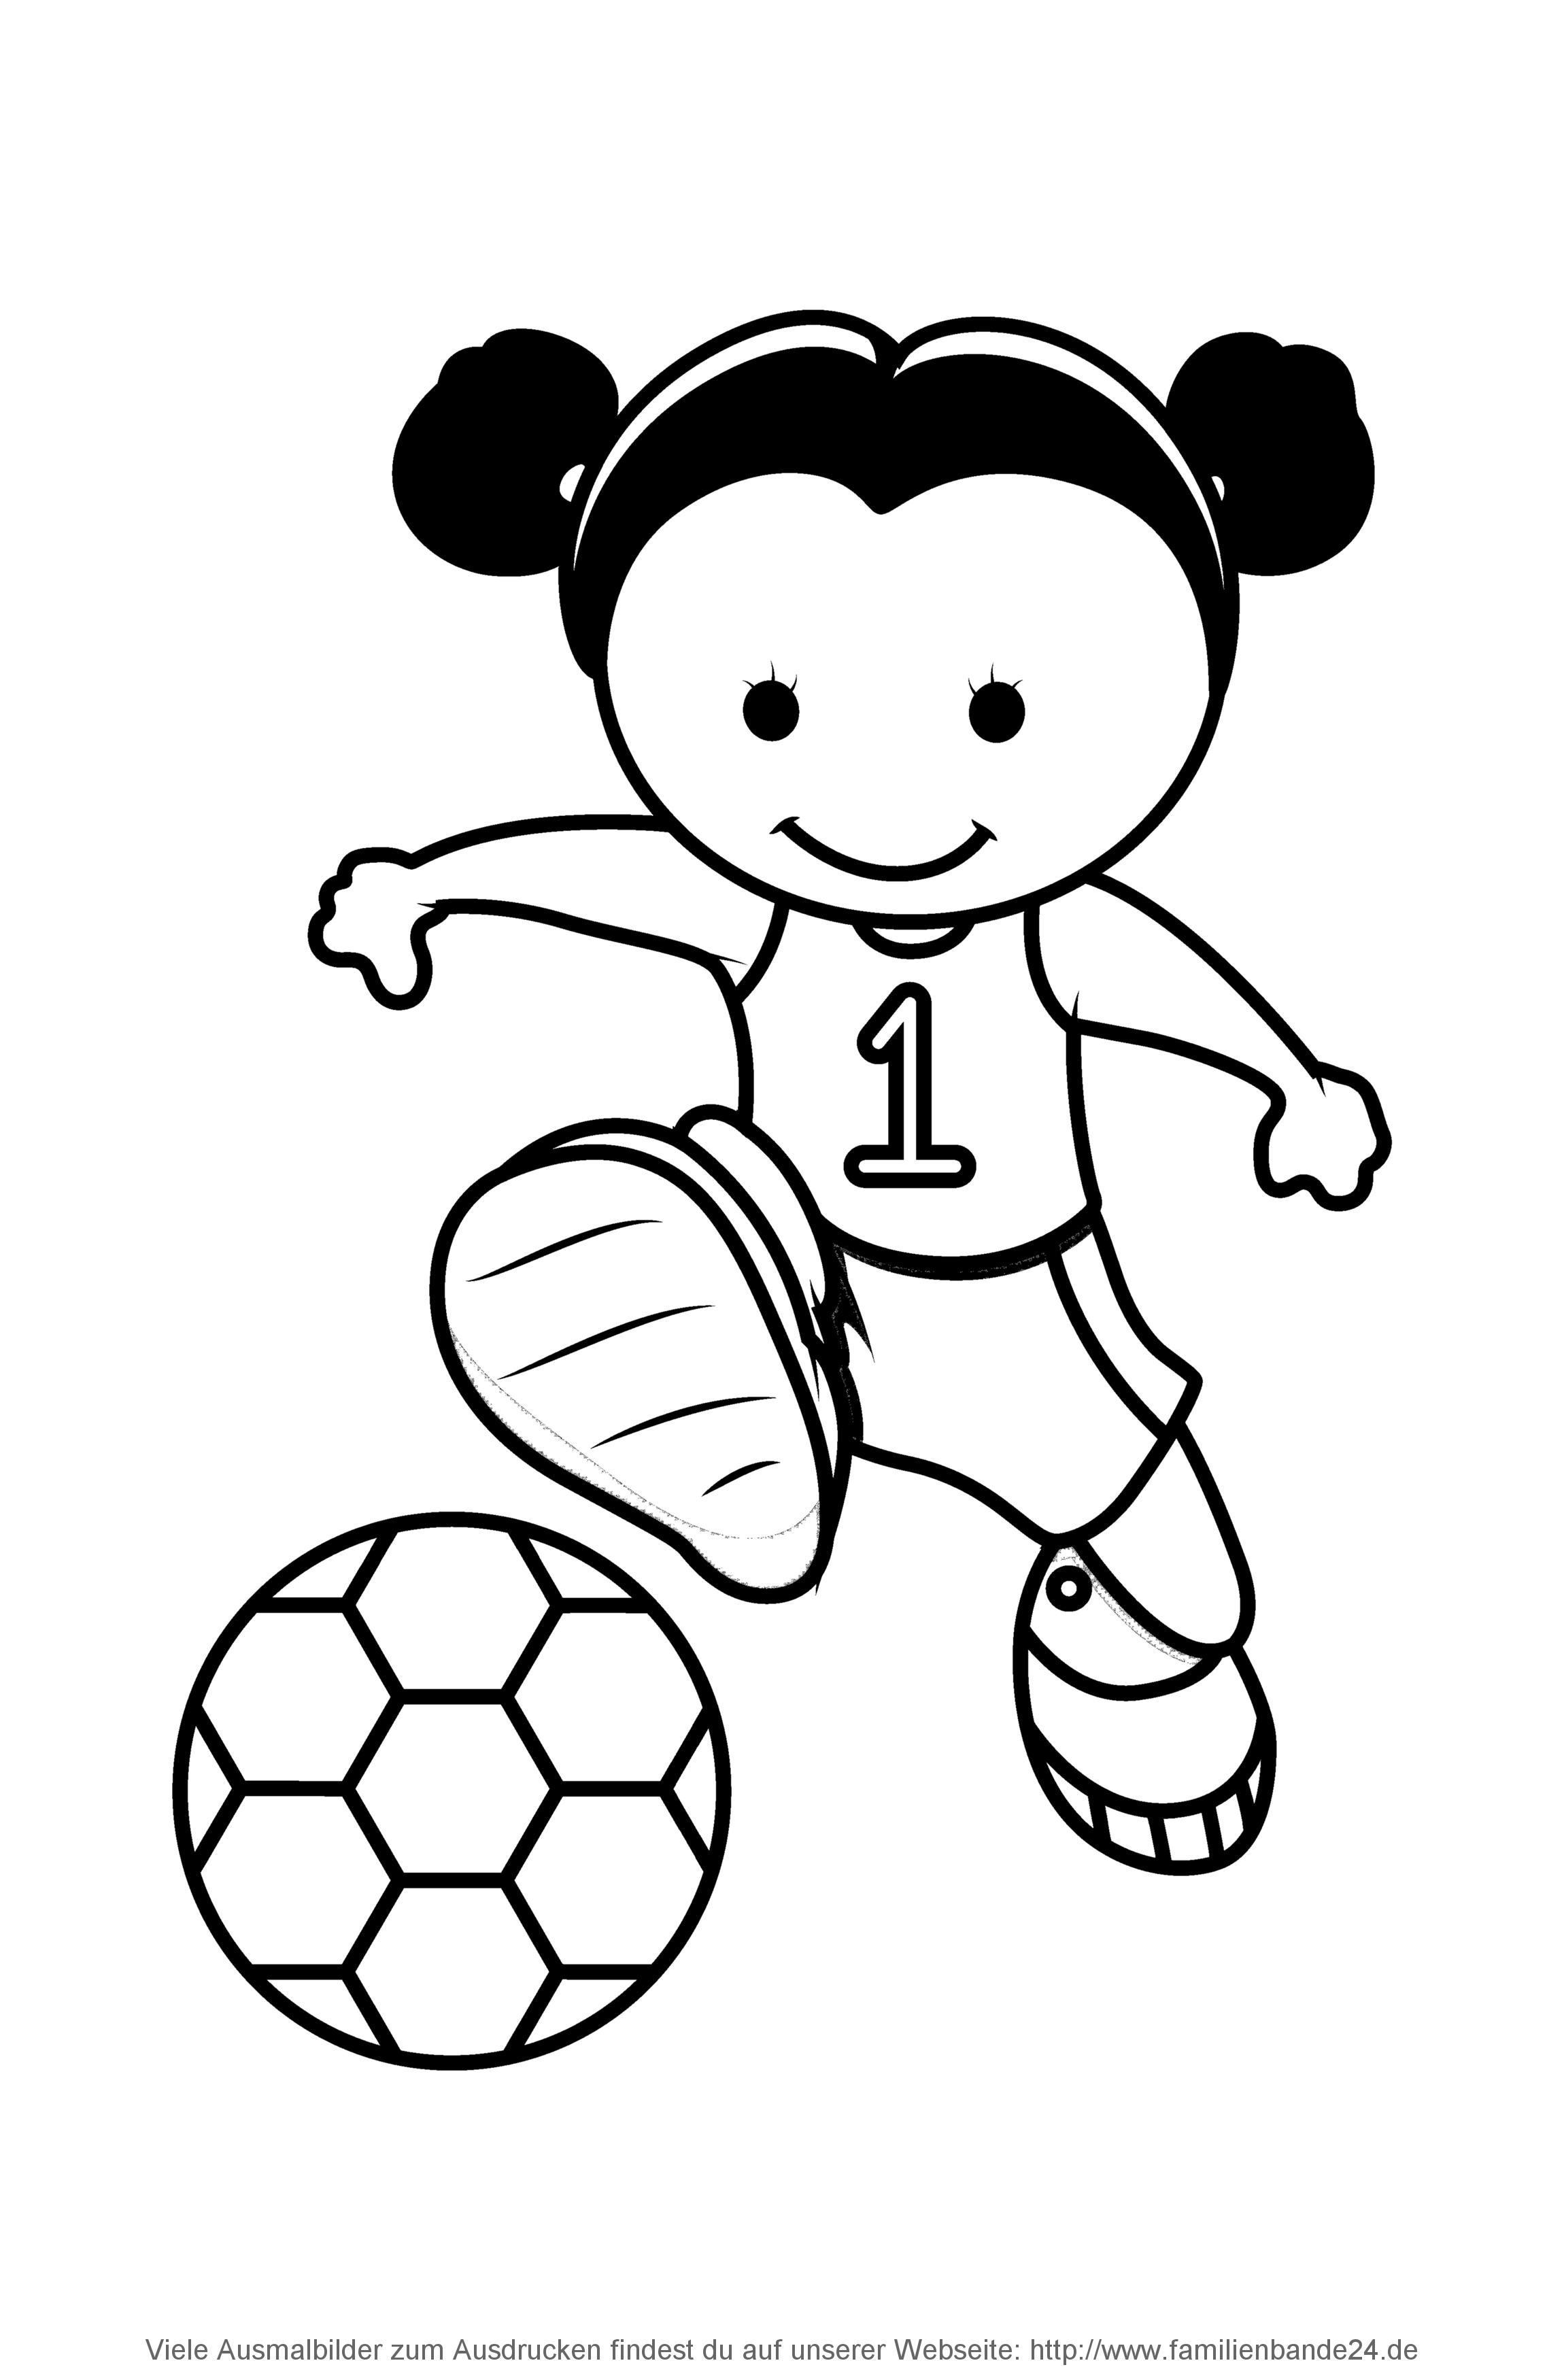 Nett Malvorlagen Fußball Mädchen Zeitgenössisch - Malvorlagen Von ...